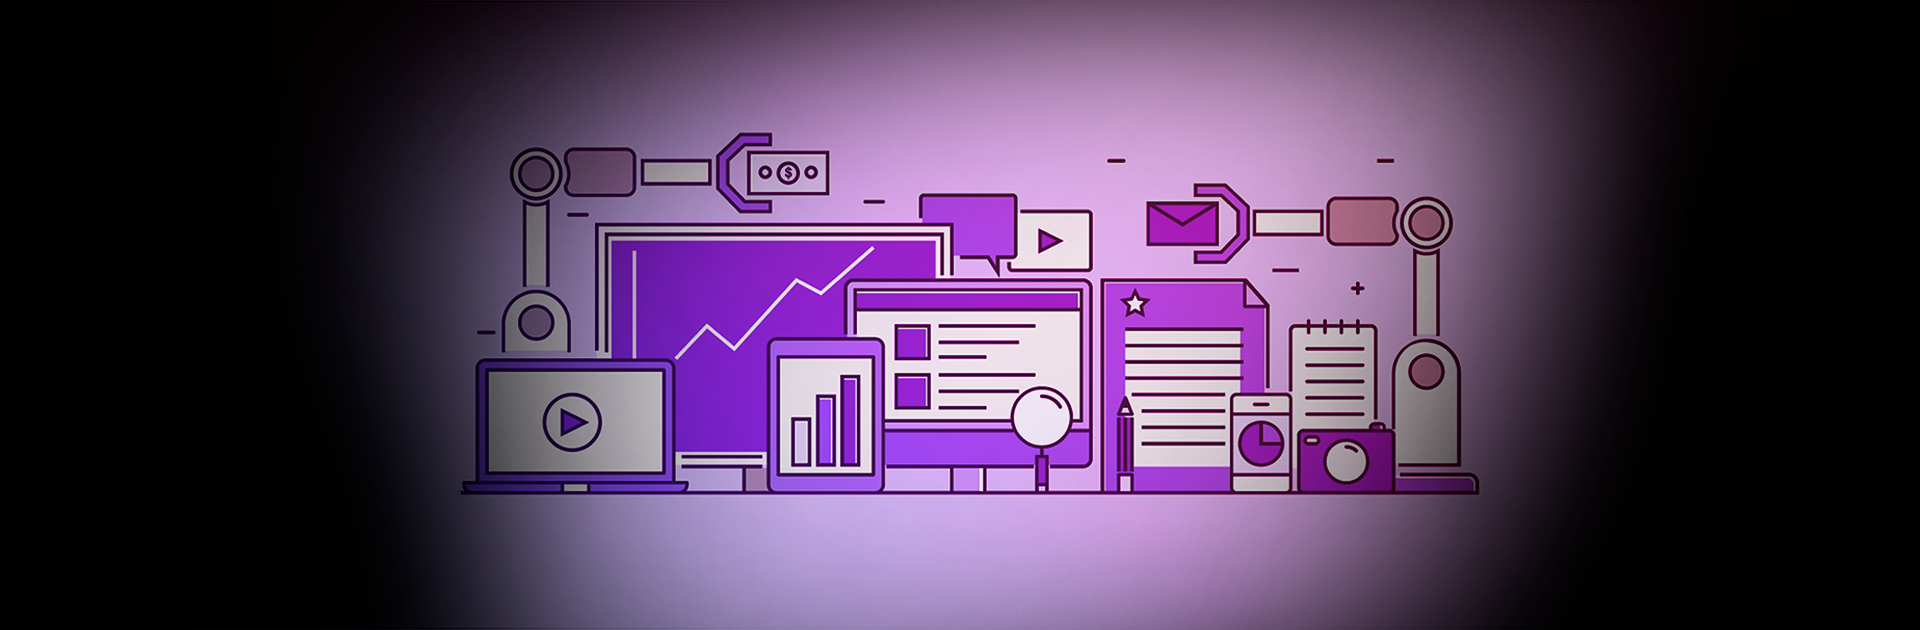 Muito além de emails: qual o futuro da automação de marketing?